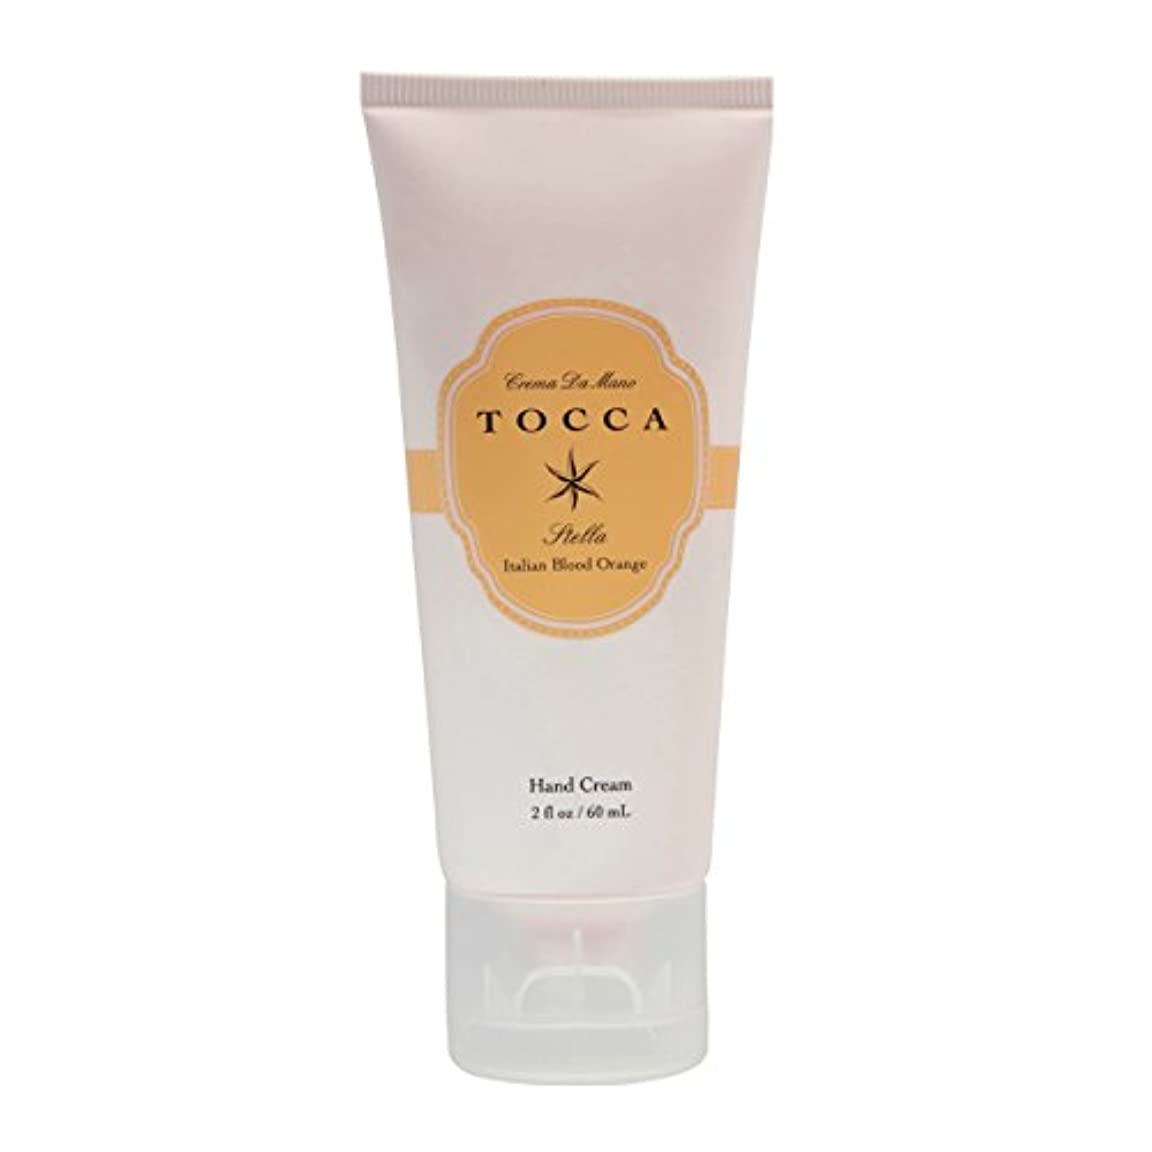 共和国ブラウス洗うトッカ(TOCCA) ハンドクリーム  ステラの香り 60ml(手指用保湿 イタリアンブラッドオレンジが奏でるフレッシュでビターな爽やかさ漂う香り)